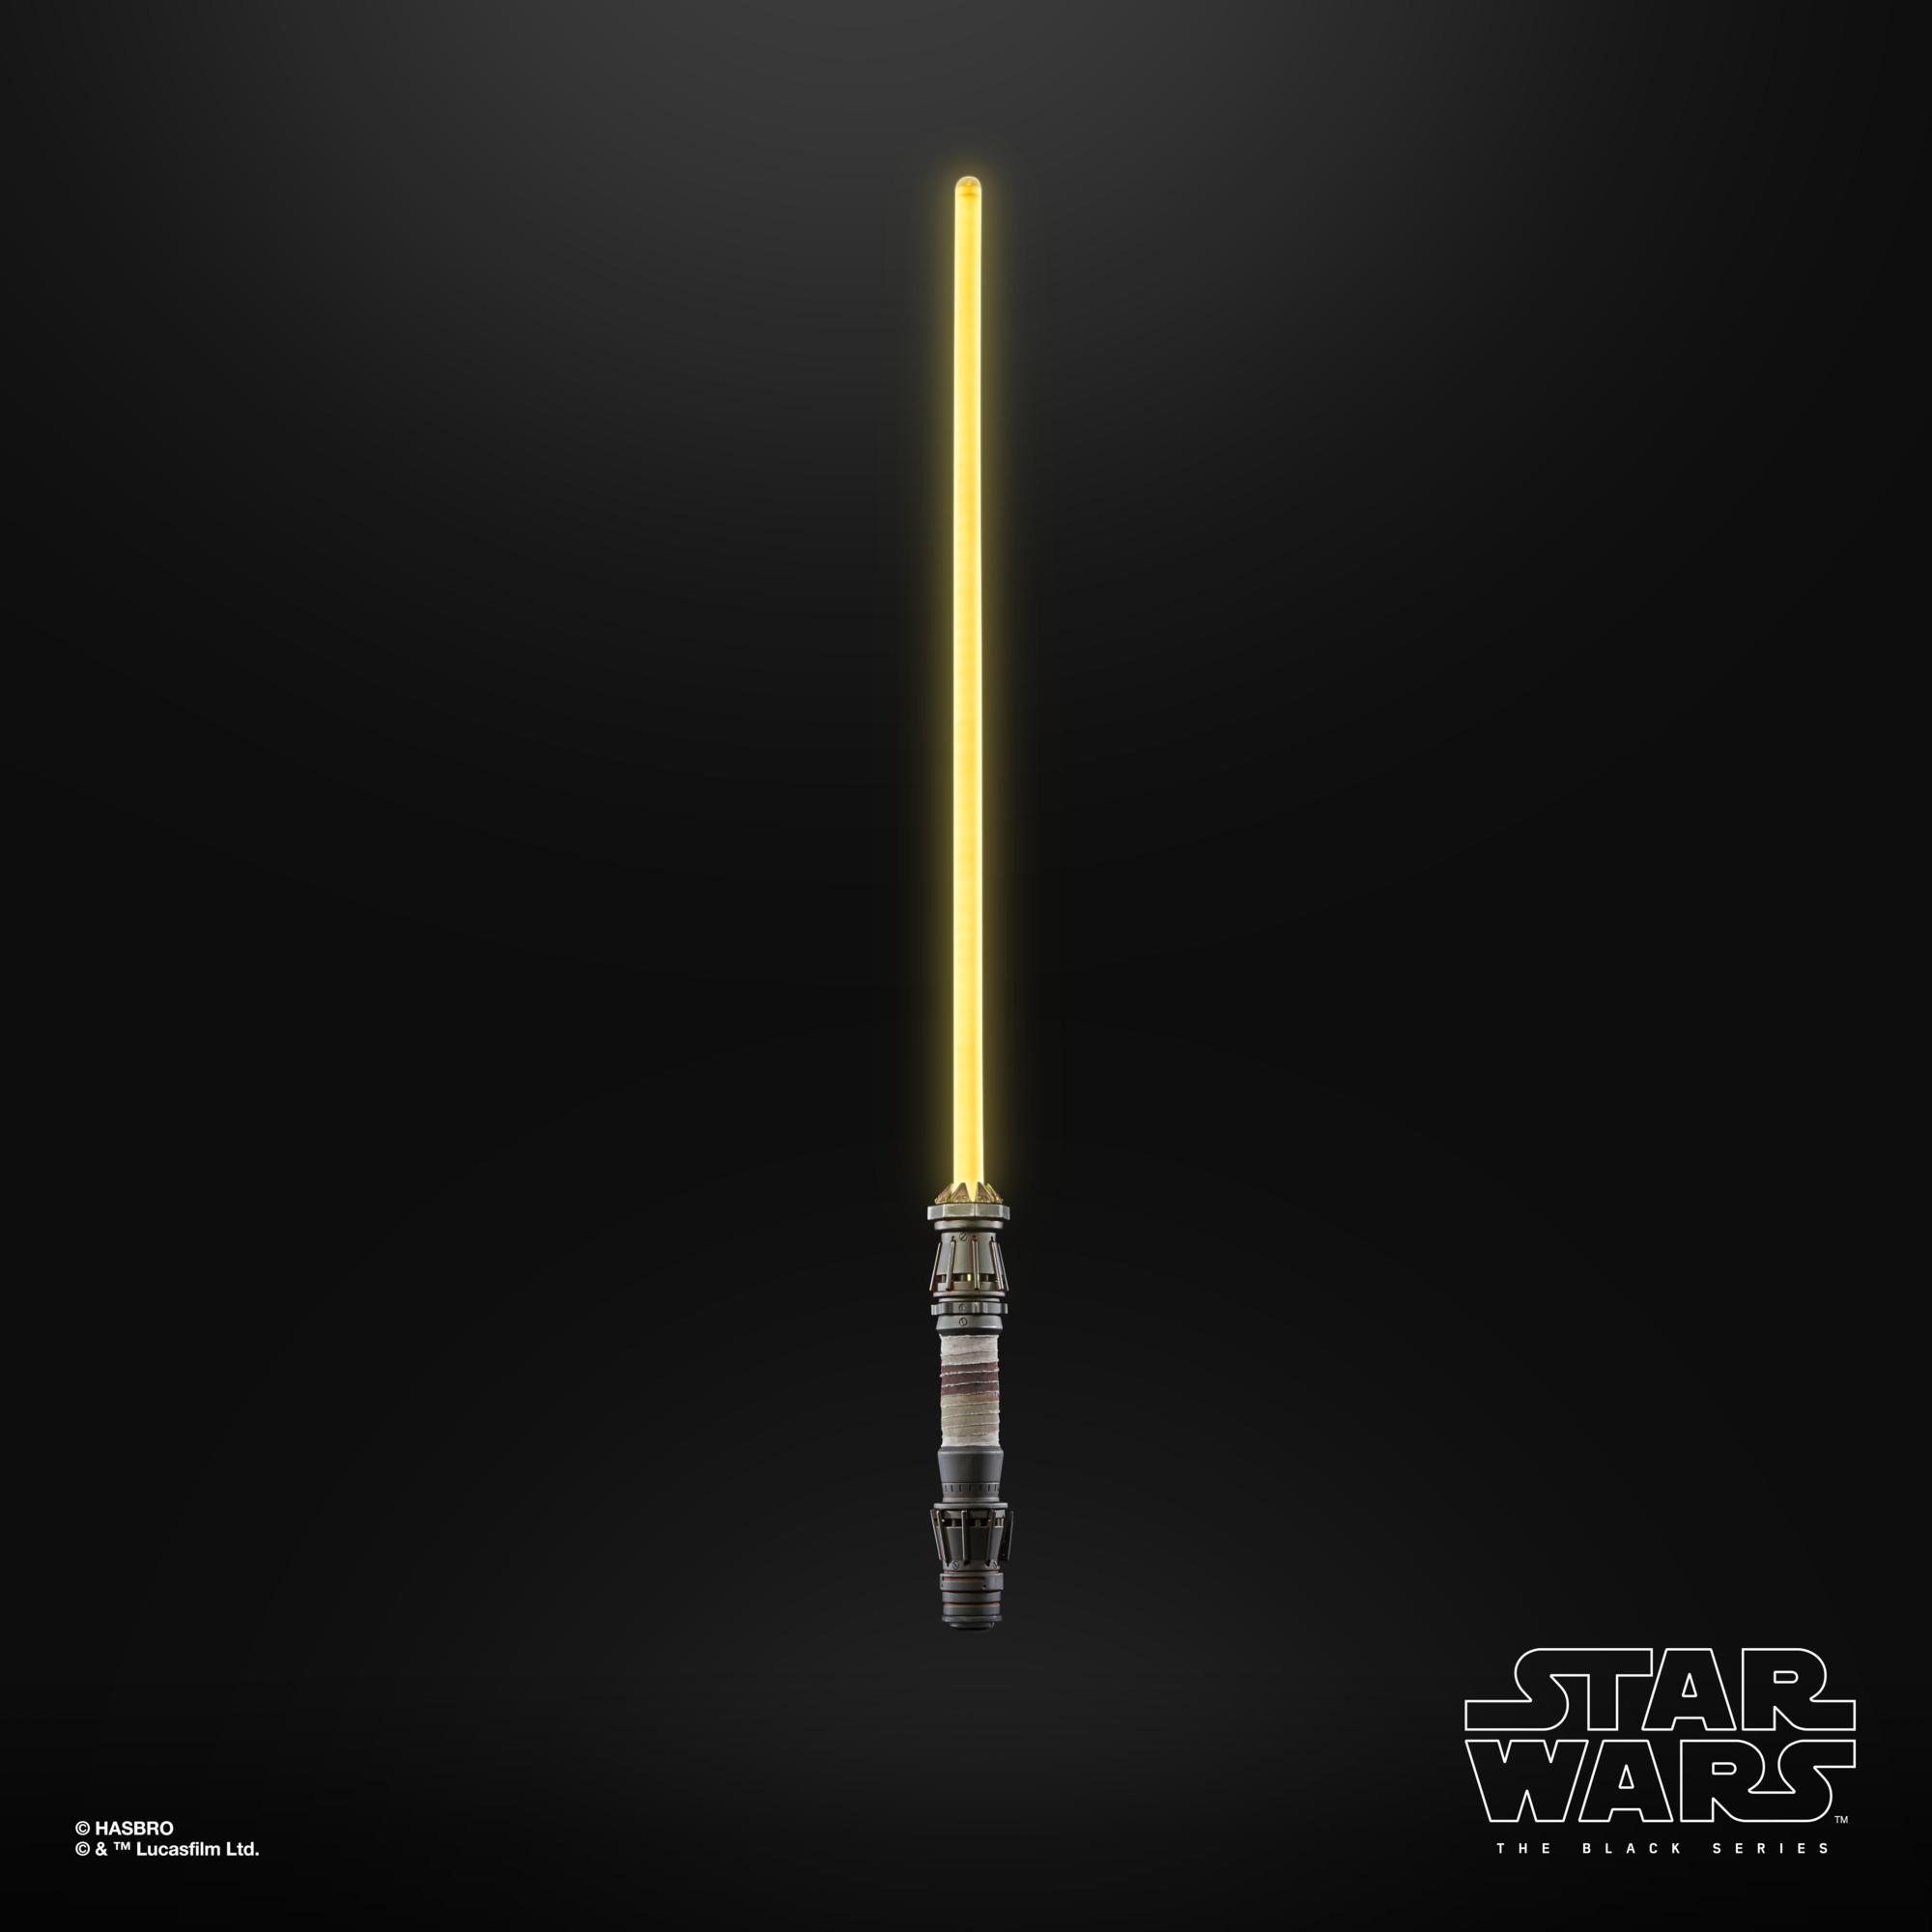 Star Wars The Black Series Rey Skywalker Force FX Elite Lightsaber F20145L00